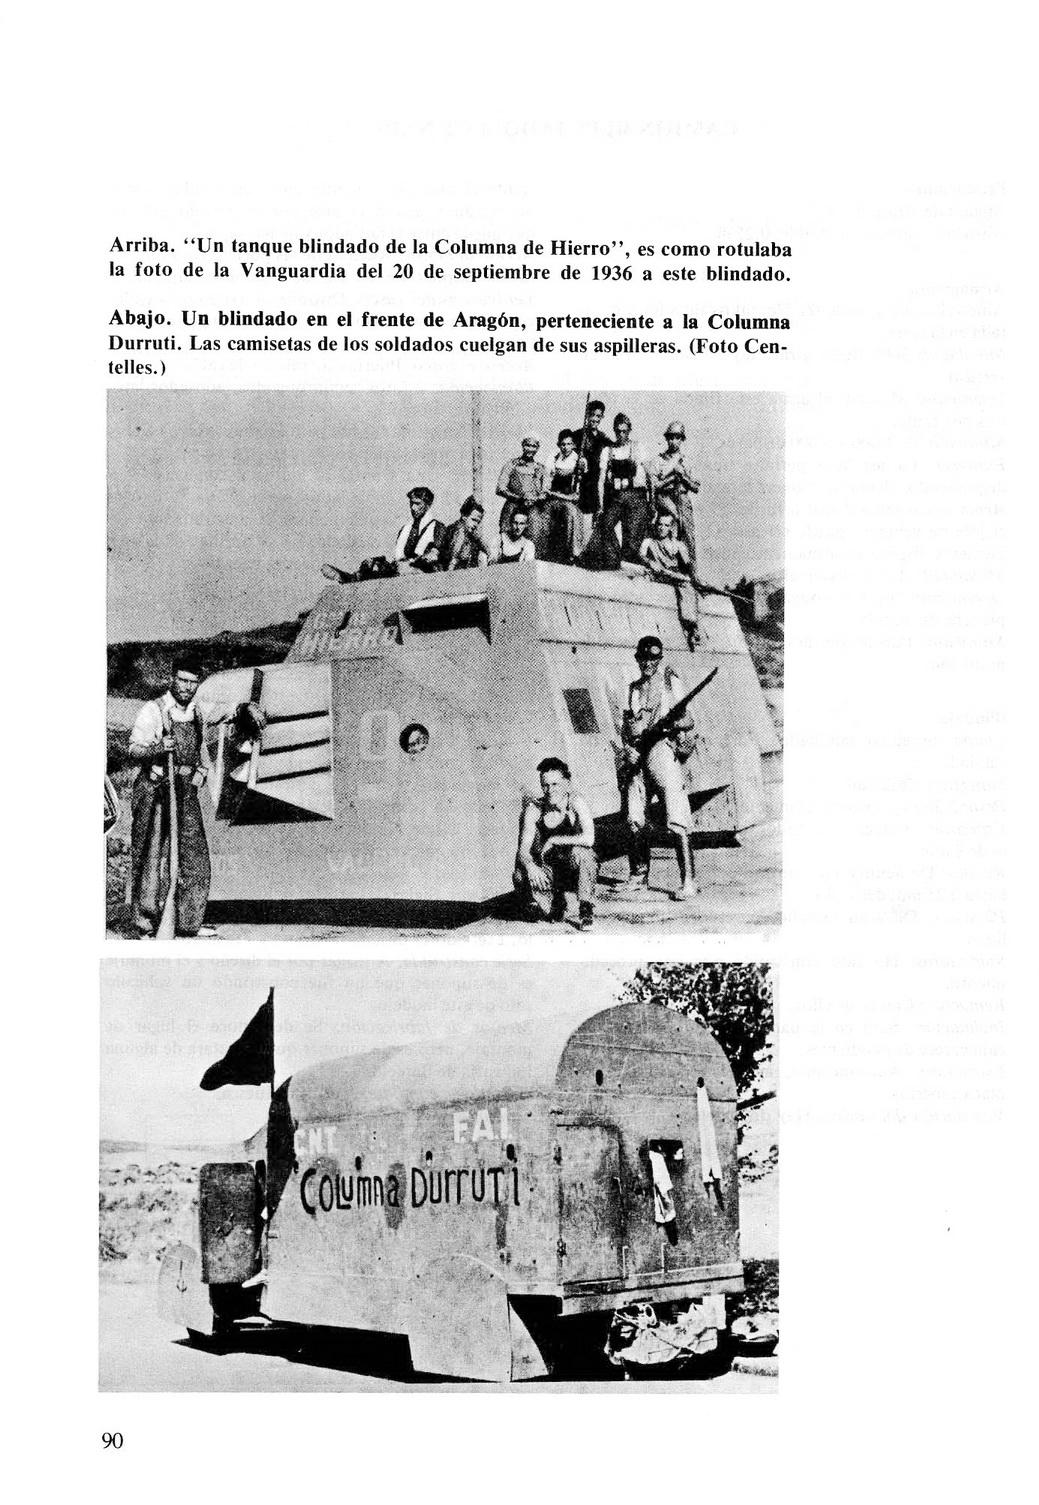 Carros De Combate Y Vehiculos Blindados De La Guerra 1936 1939 [F.C.Albert 1980]_Страница_088.jpg